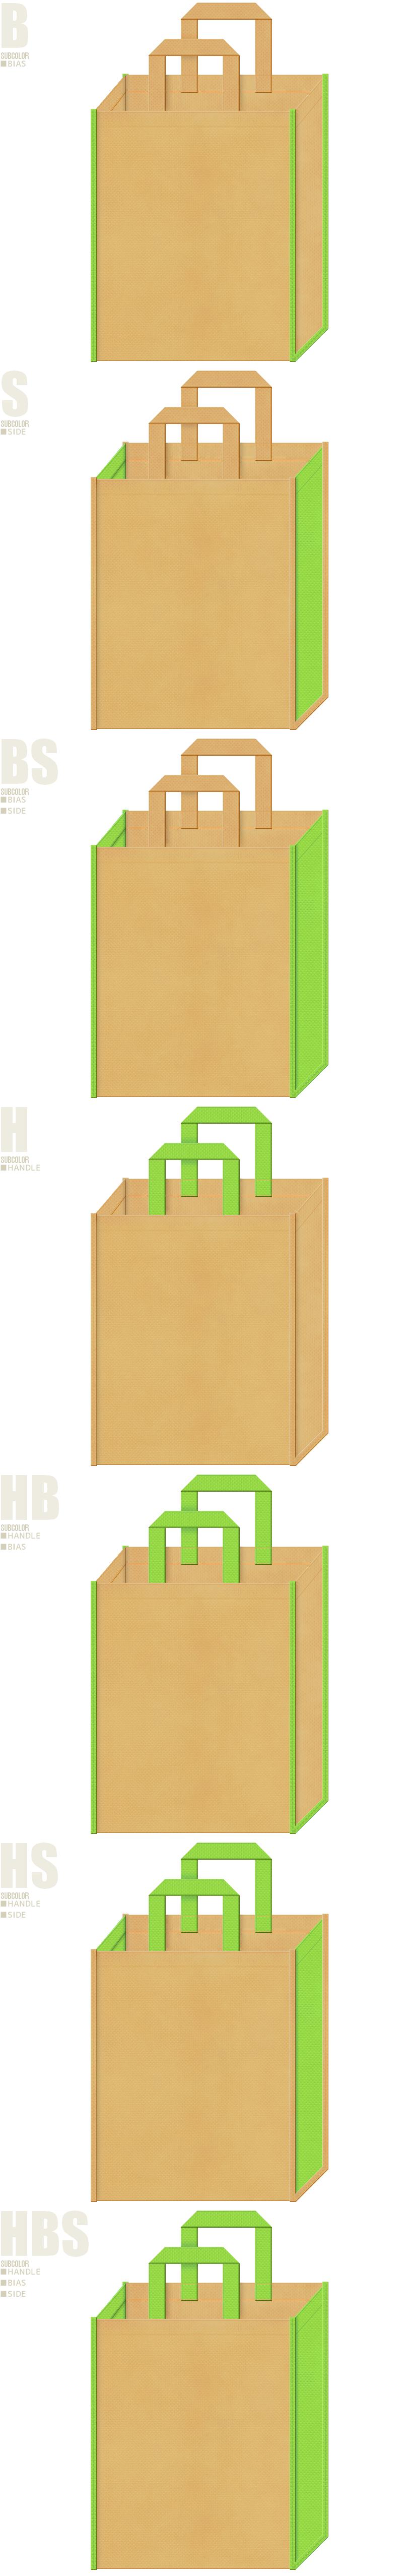 酪農・牧場・野菜・産直市場・園芸用品の展示会用バッグにお奨めの不織布バッグデザイン:薄黄土色と黄緑色の配色7パターン